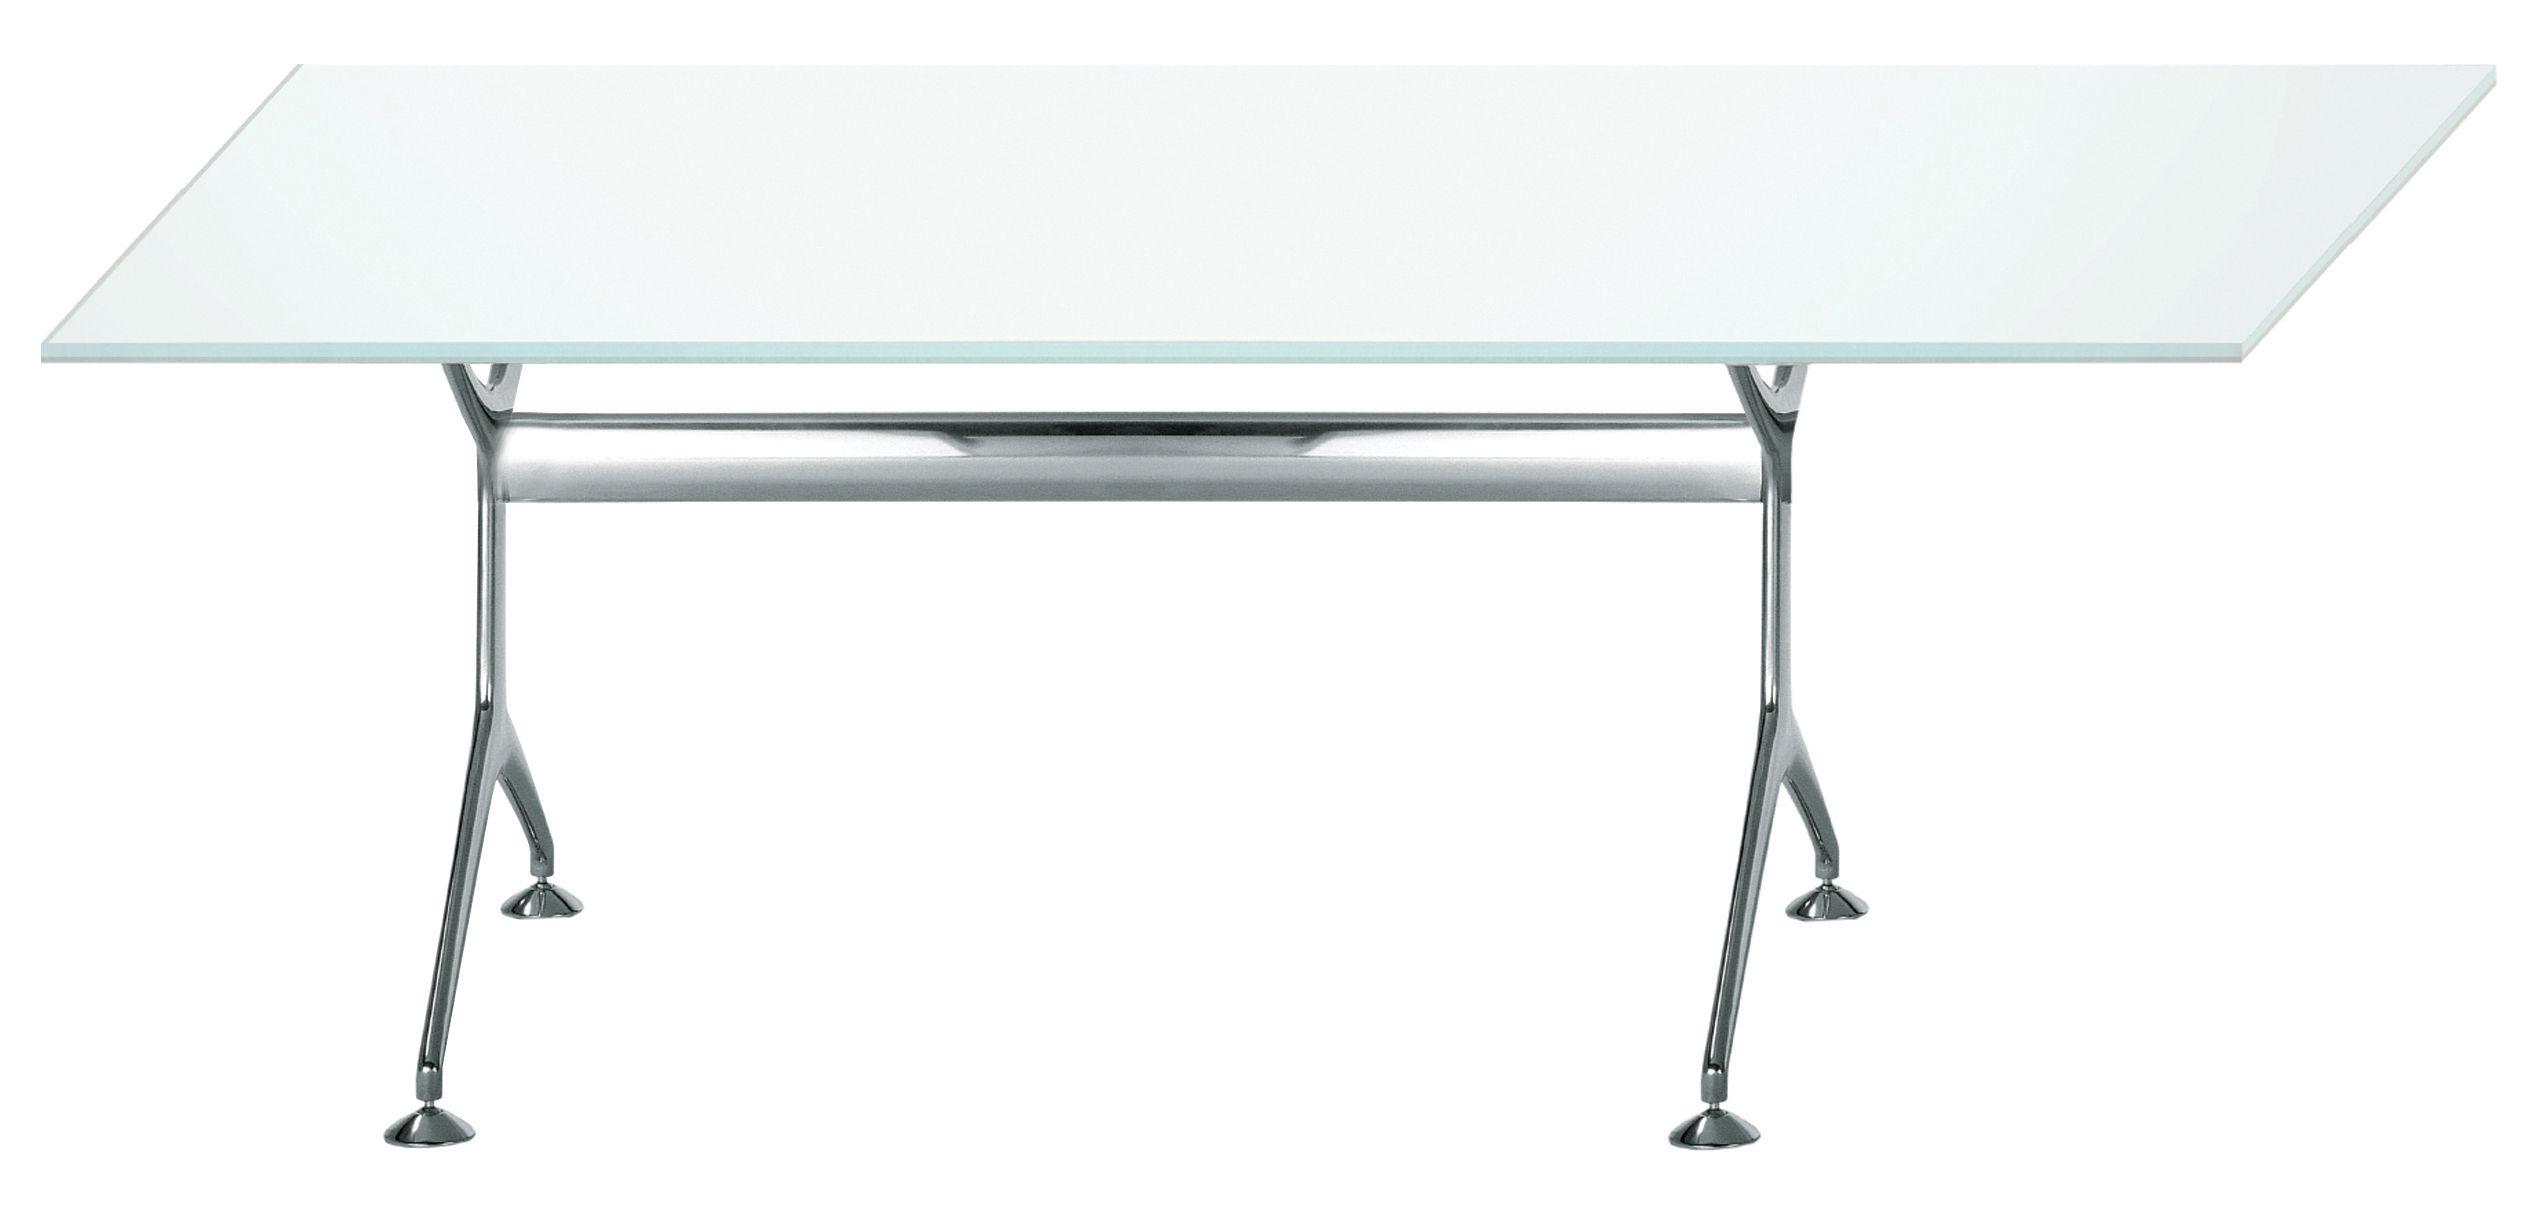 Mobilier - Bureaux - Table rectangulaire Frametable / 160 x 80 cm - Alias - Structure en aluminium poli / Plateau en verre - Aluminium poli, Verre